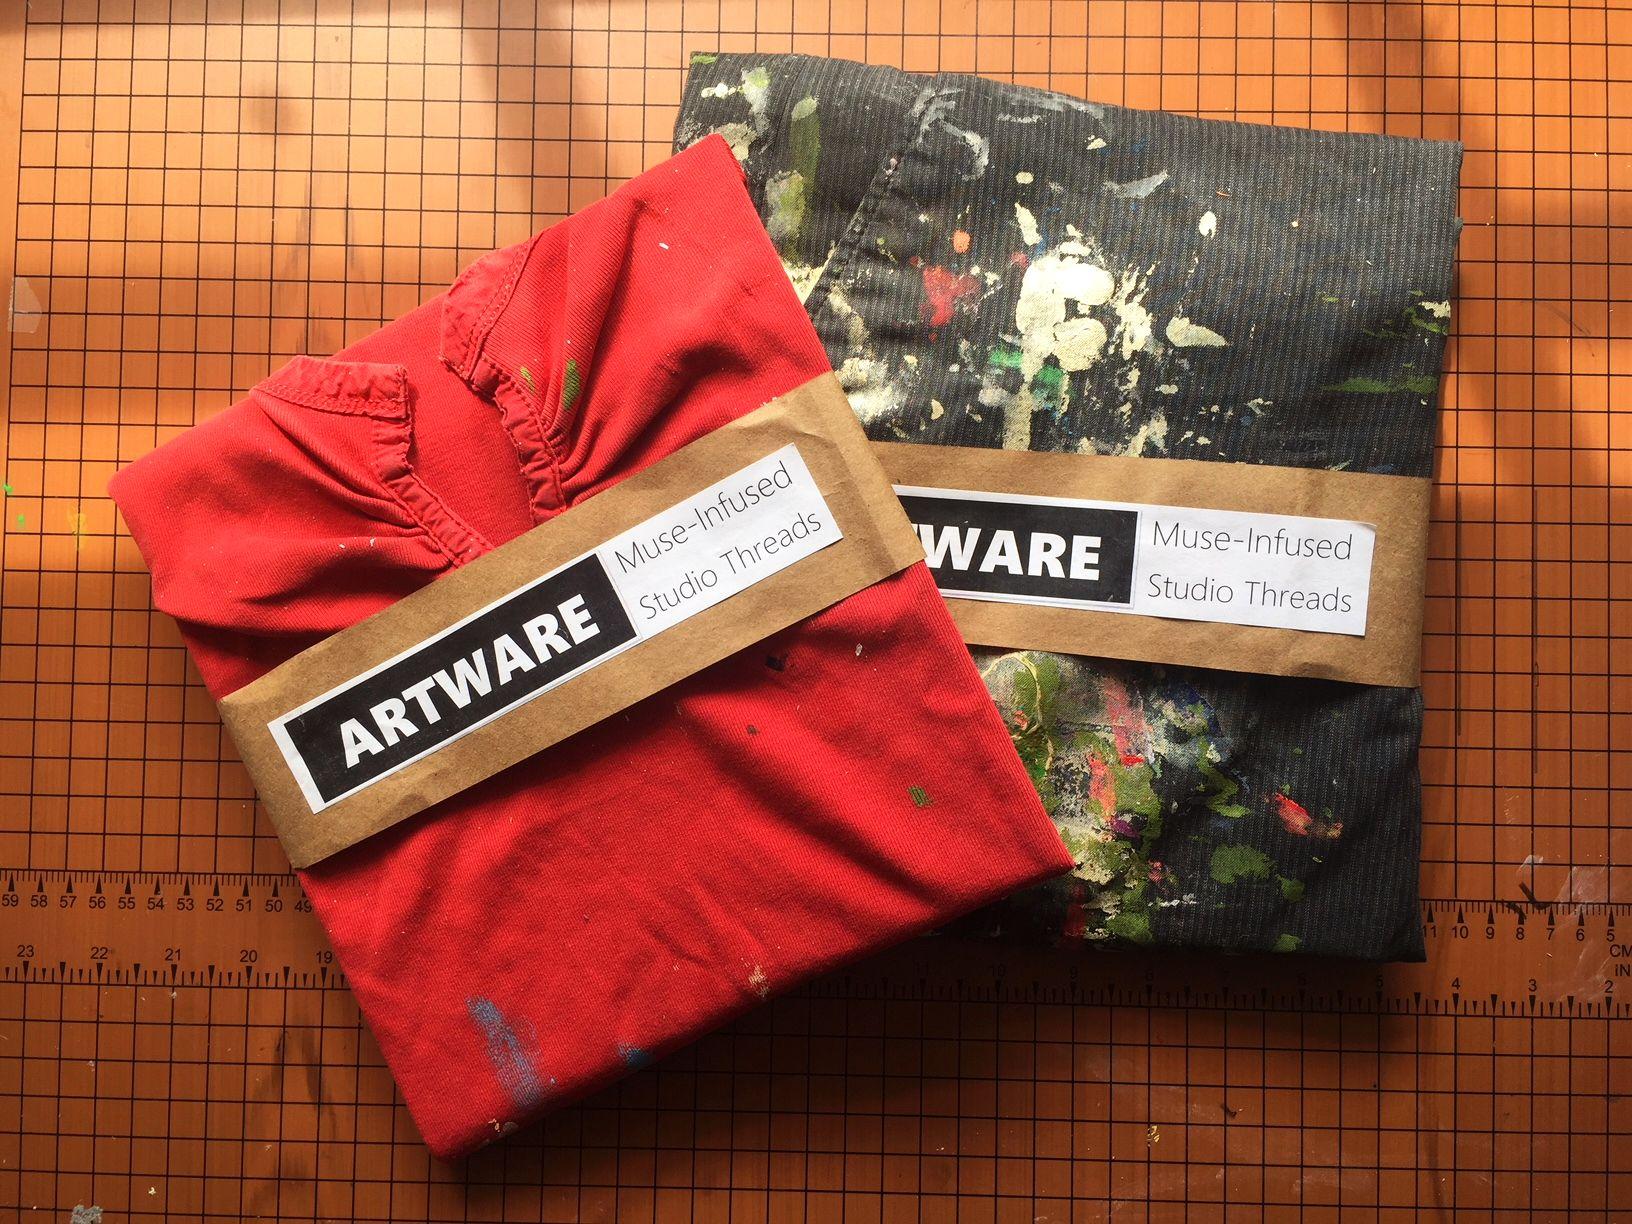 Artware packaging.jpg